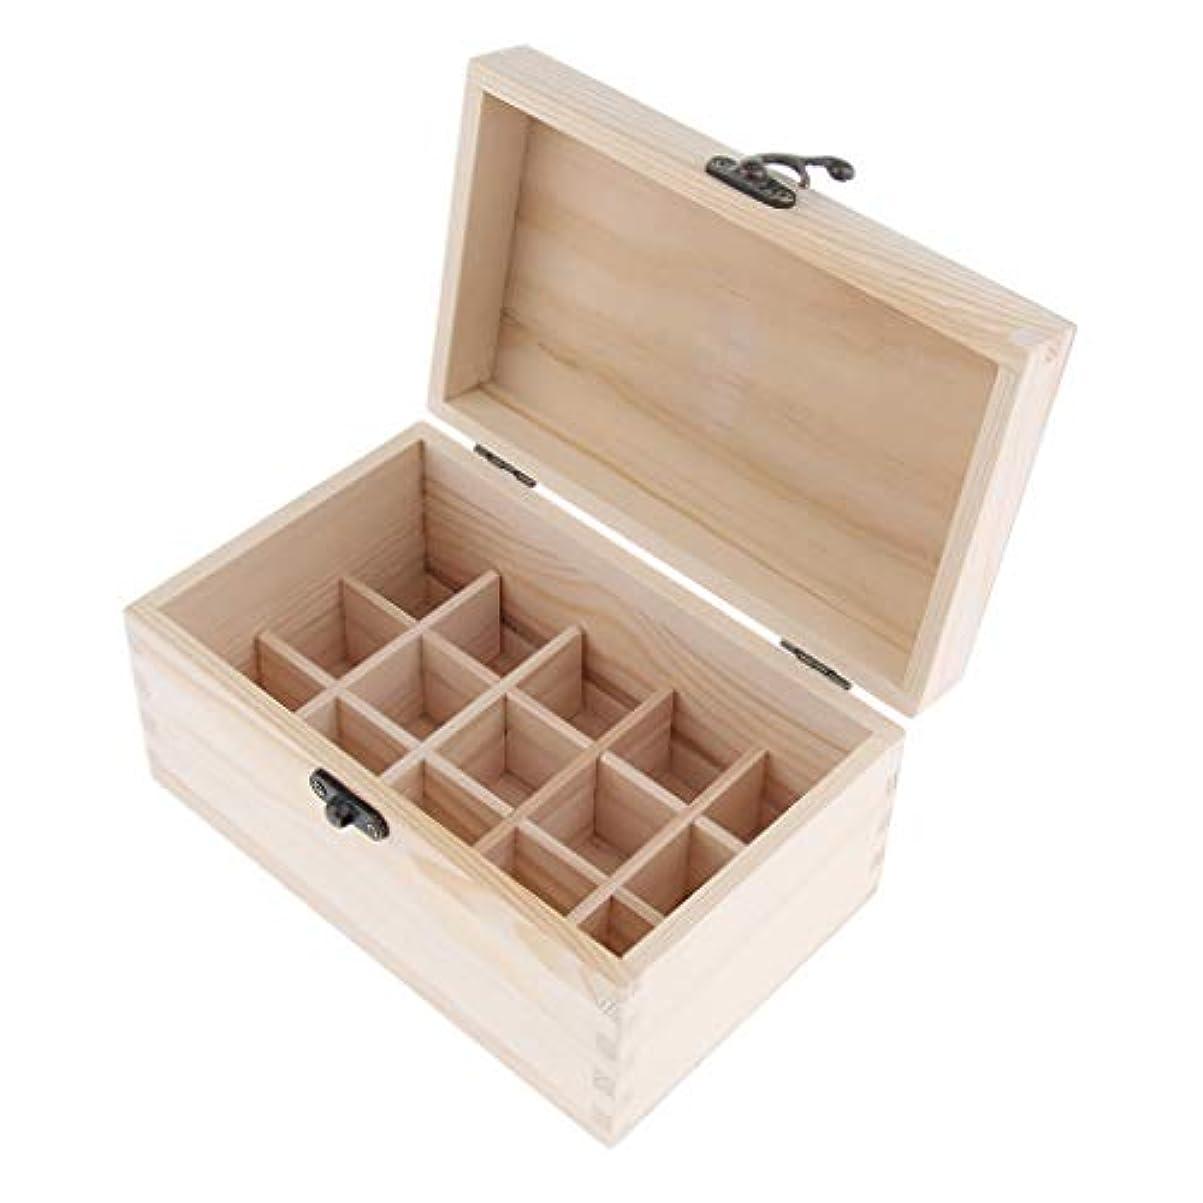 憲法信じられないパトロン精油ケース 化粧品収納ボックス 15仕切り 木製 エッセンシャルオイル コンパクト 携帯便利 実用性